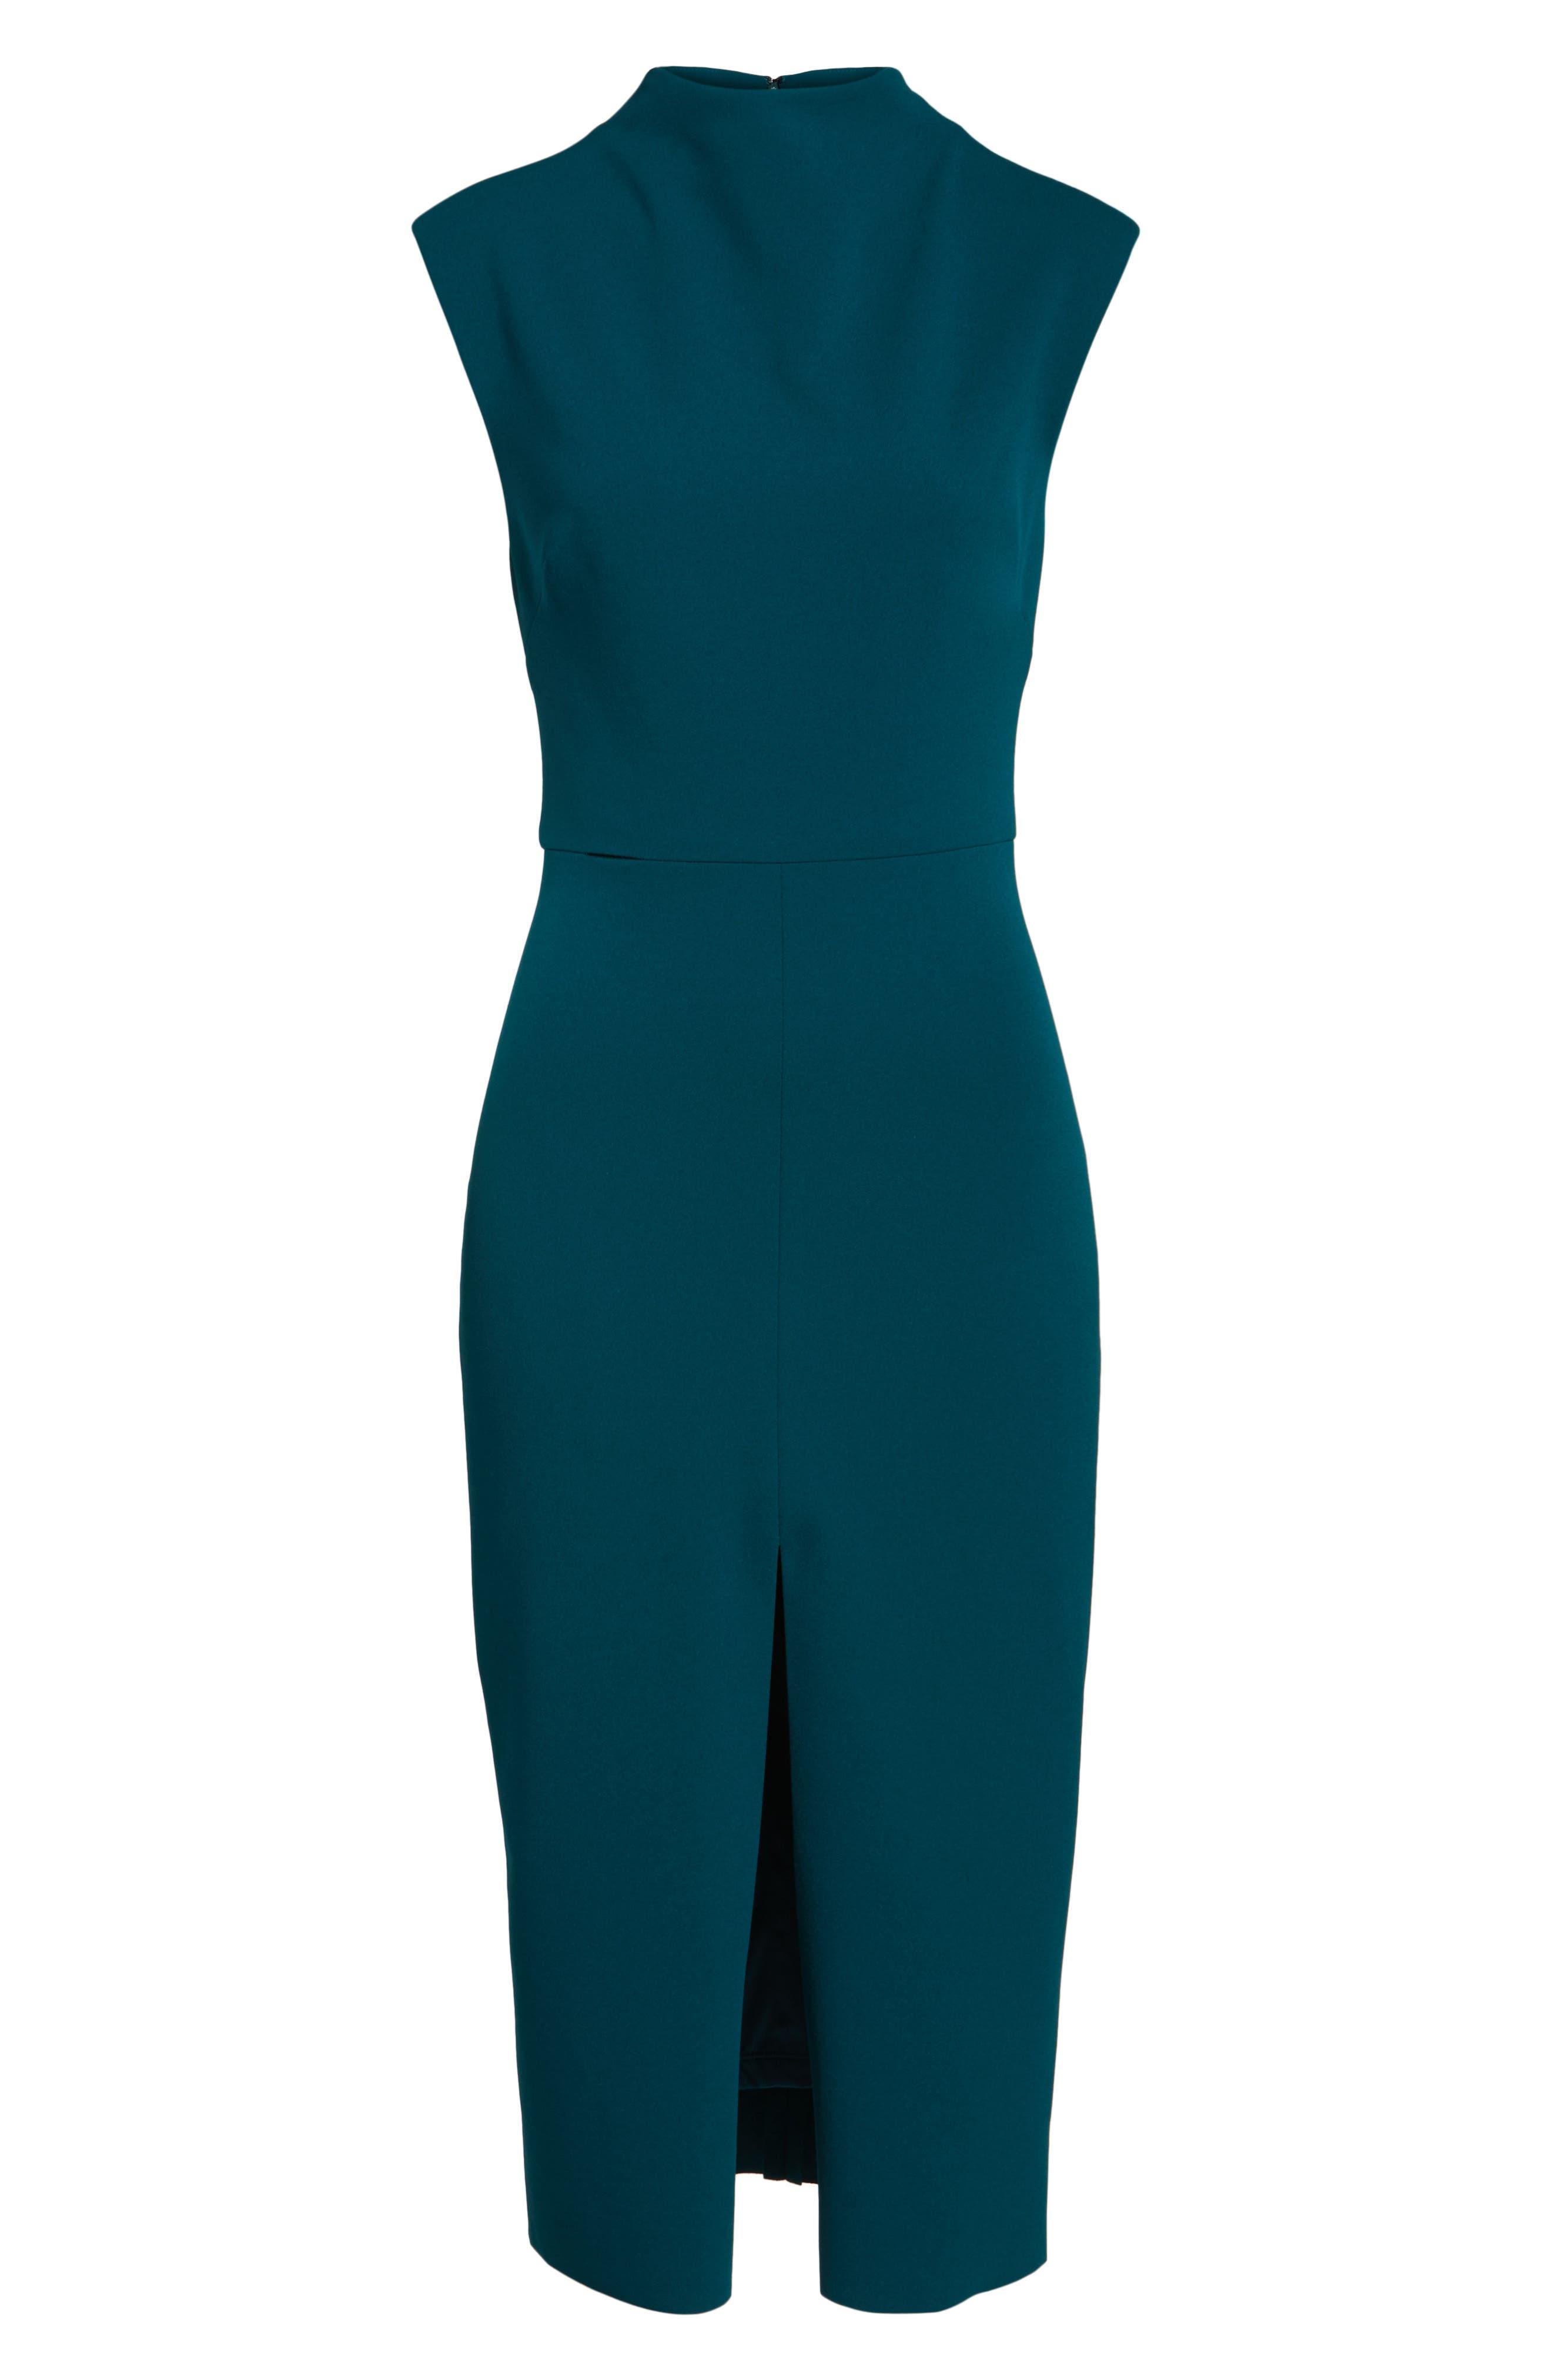 Crepe Midi Dress,                             Alternate thumbnail 6, color,                             399